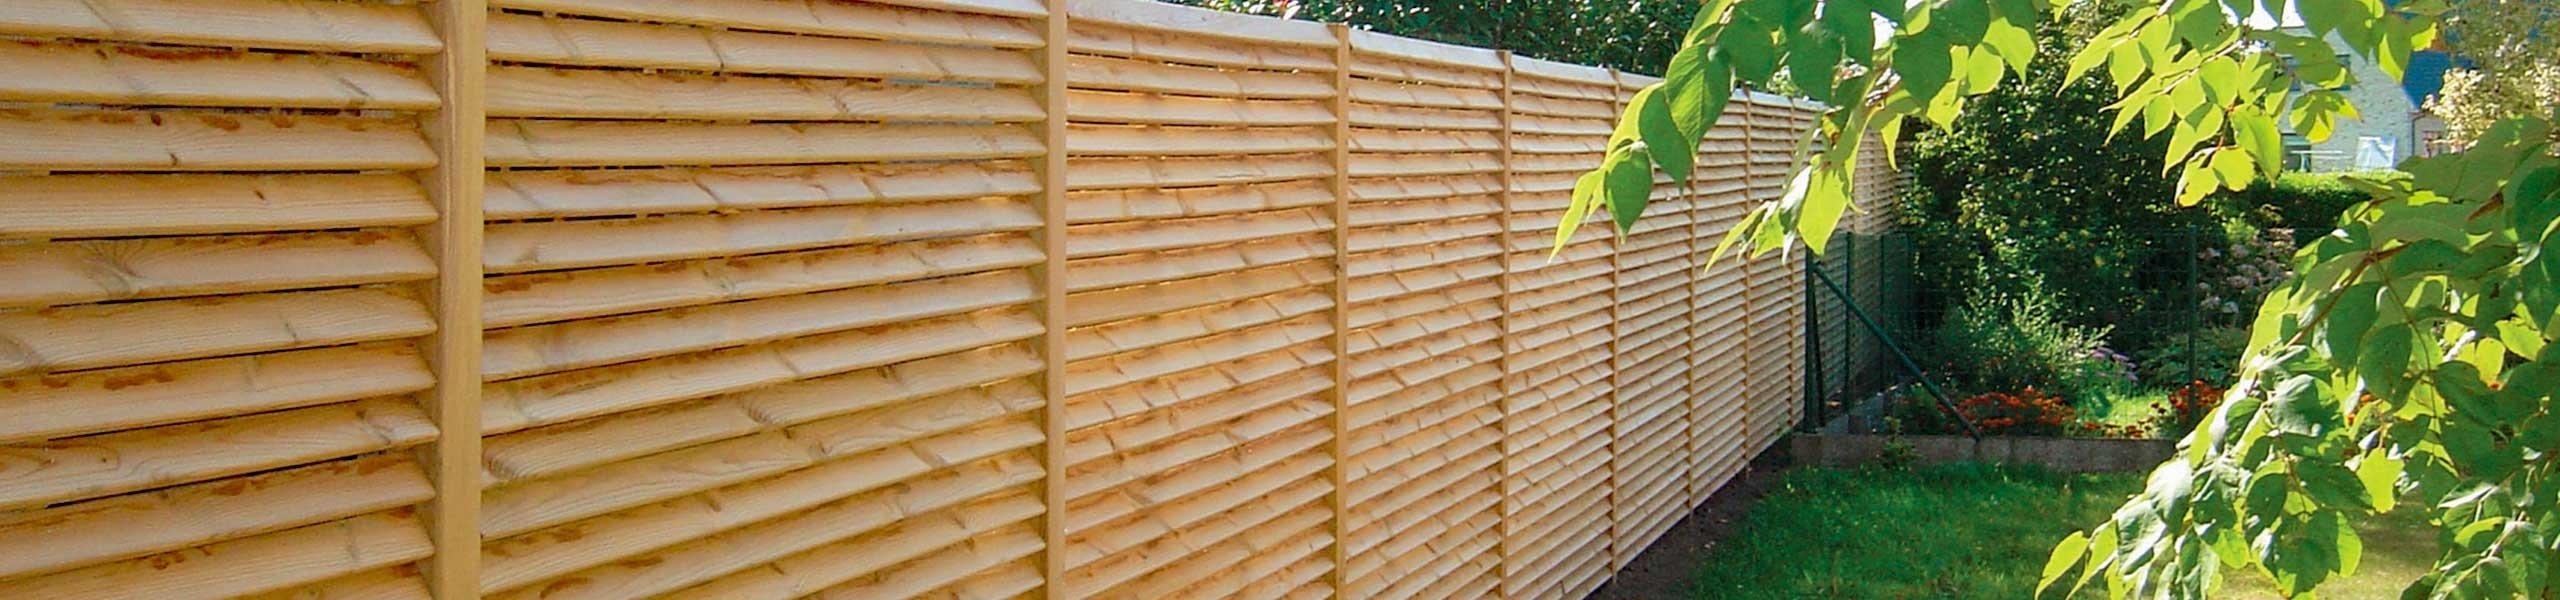 Panneaux de séparation pour jardin